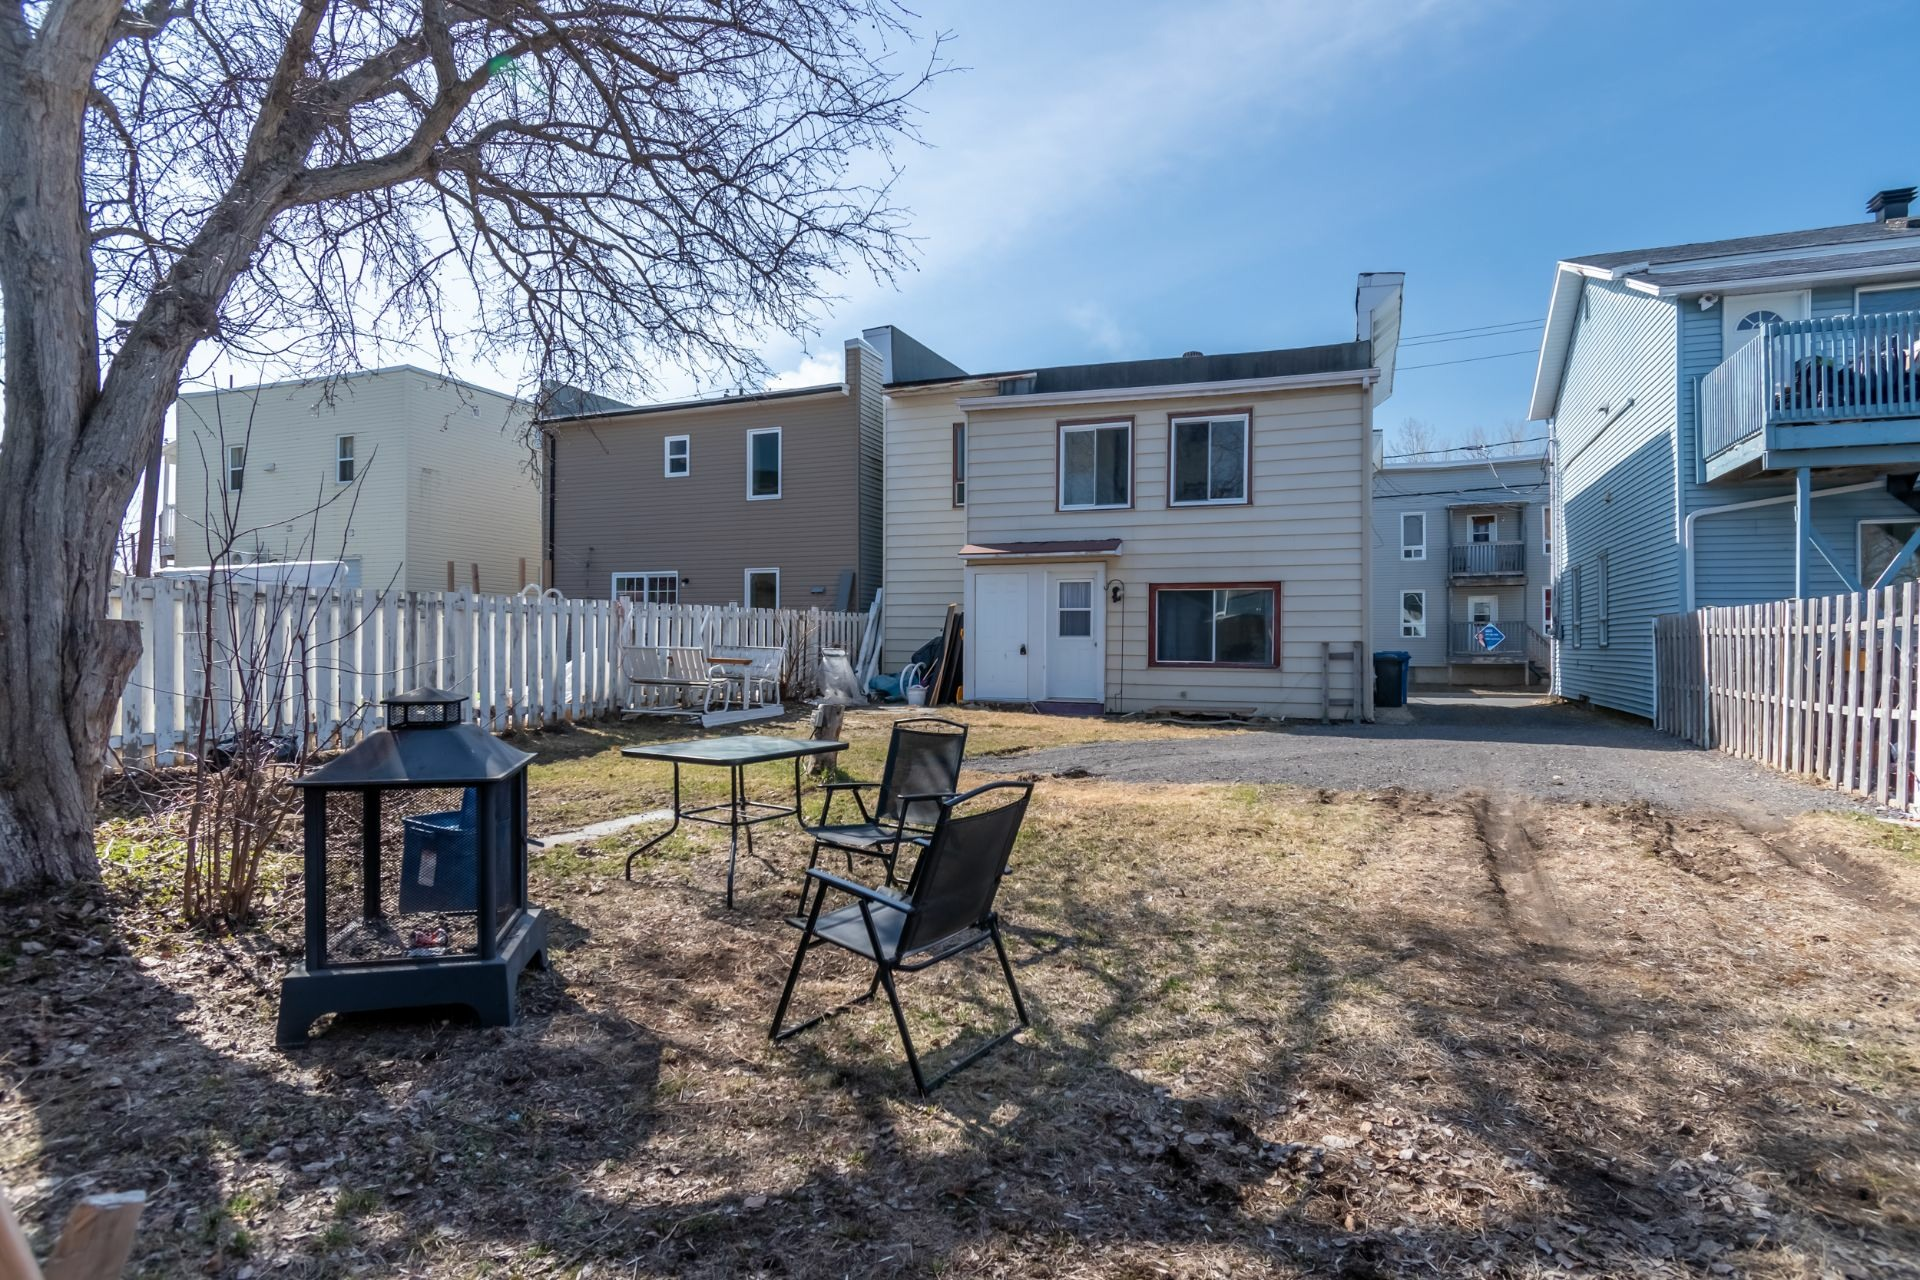 image 30 - Duplex For sale Trois-Rivières - 4 rooms